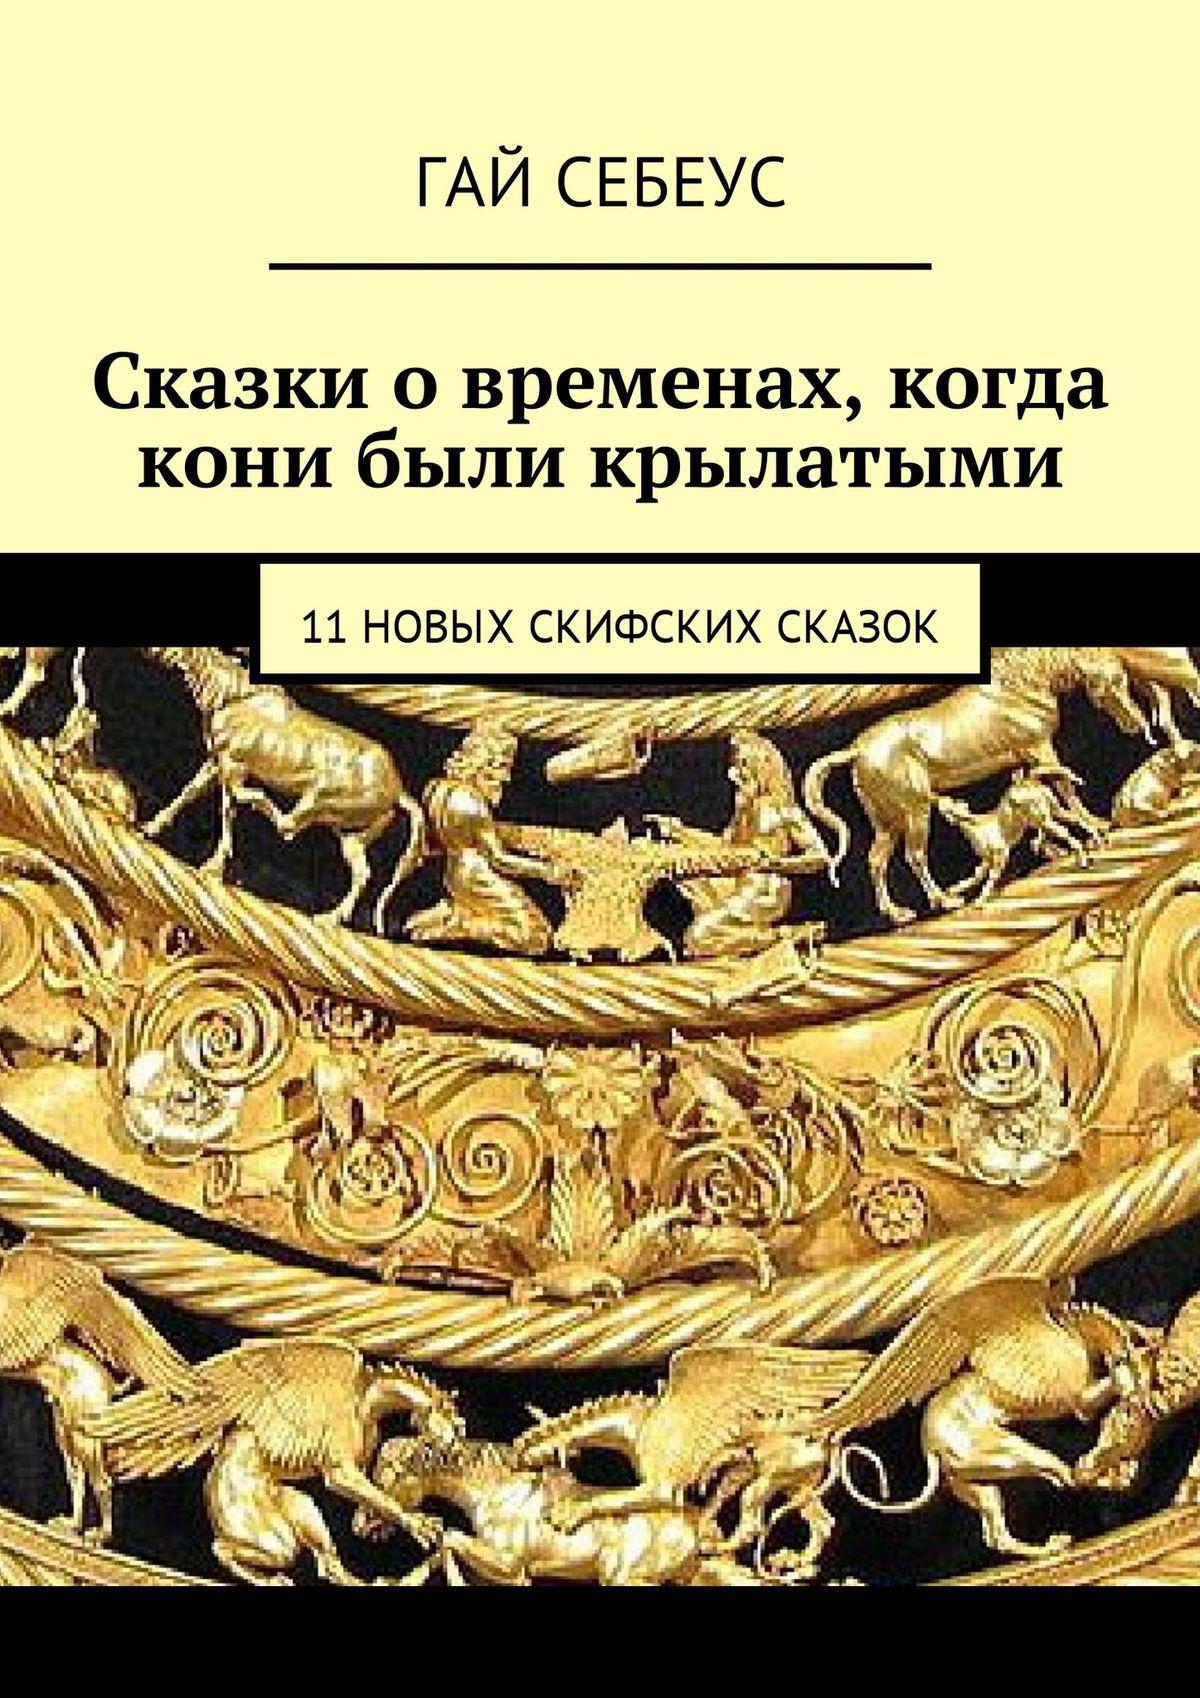 Сказки о временах, когда кони были крылатыми. 11 новых скифских сказок